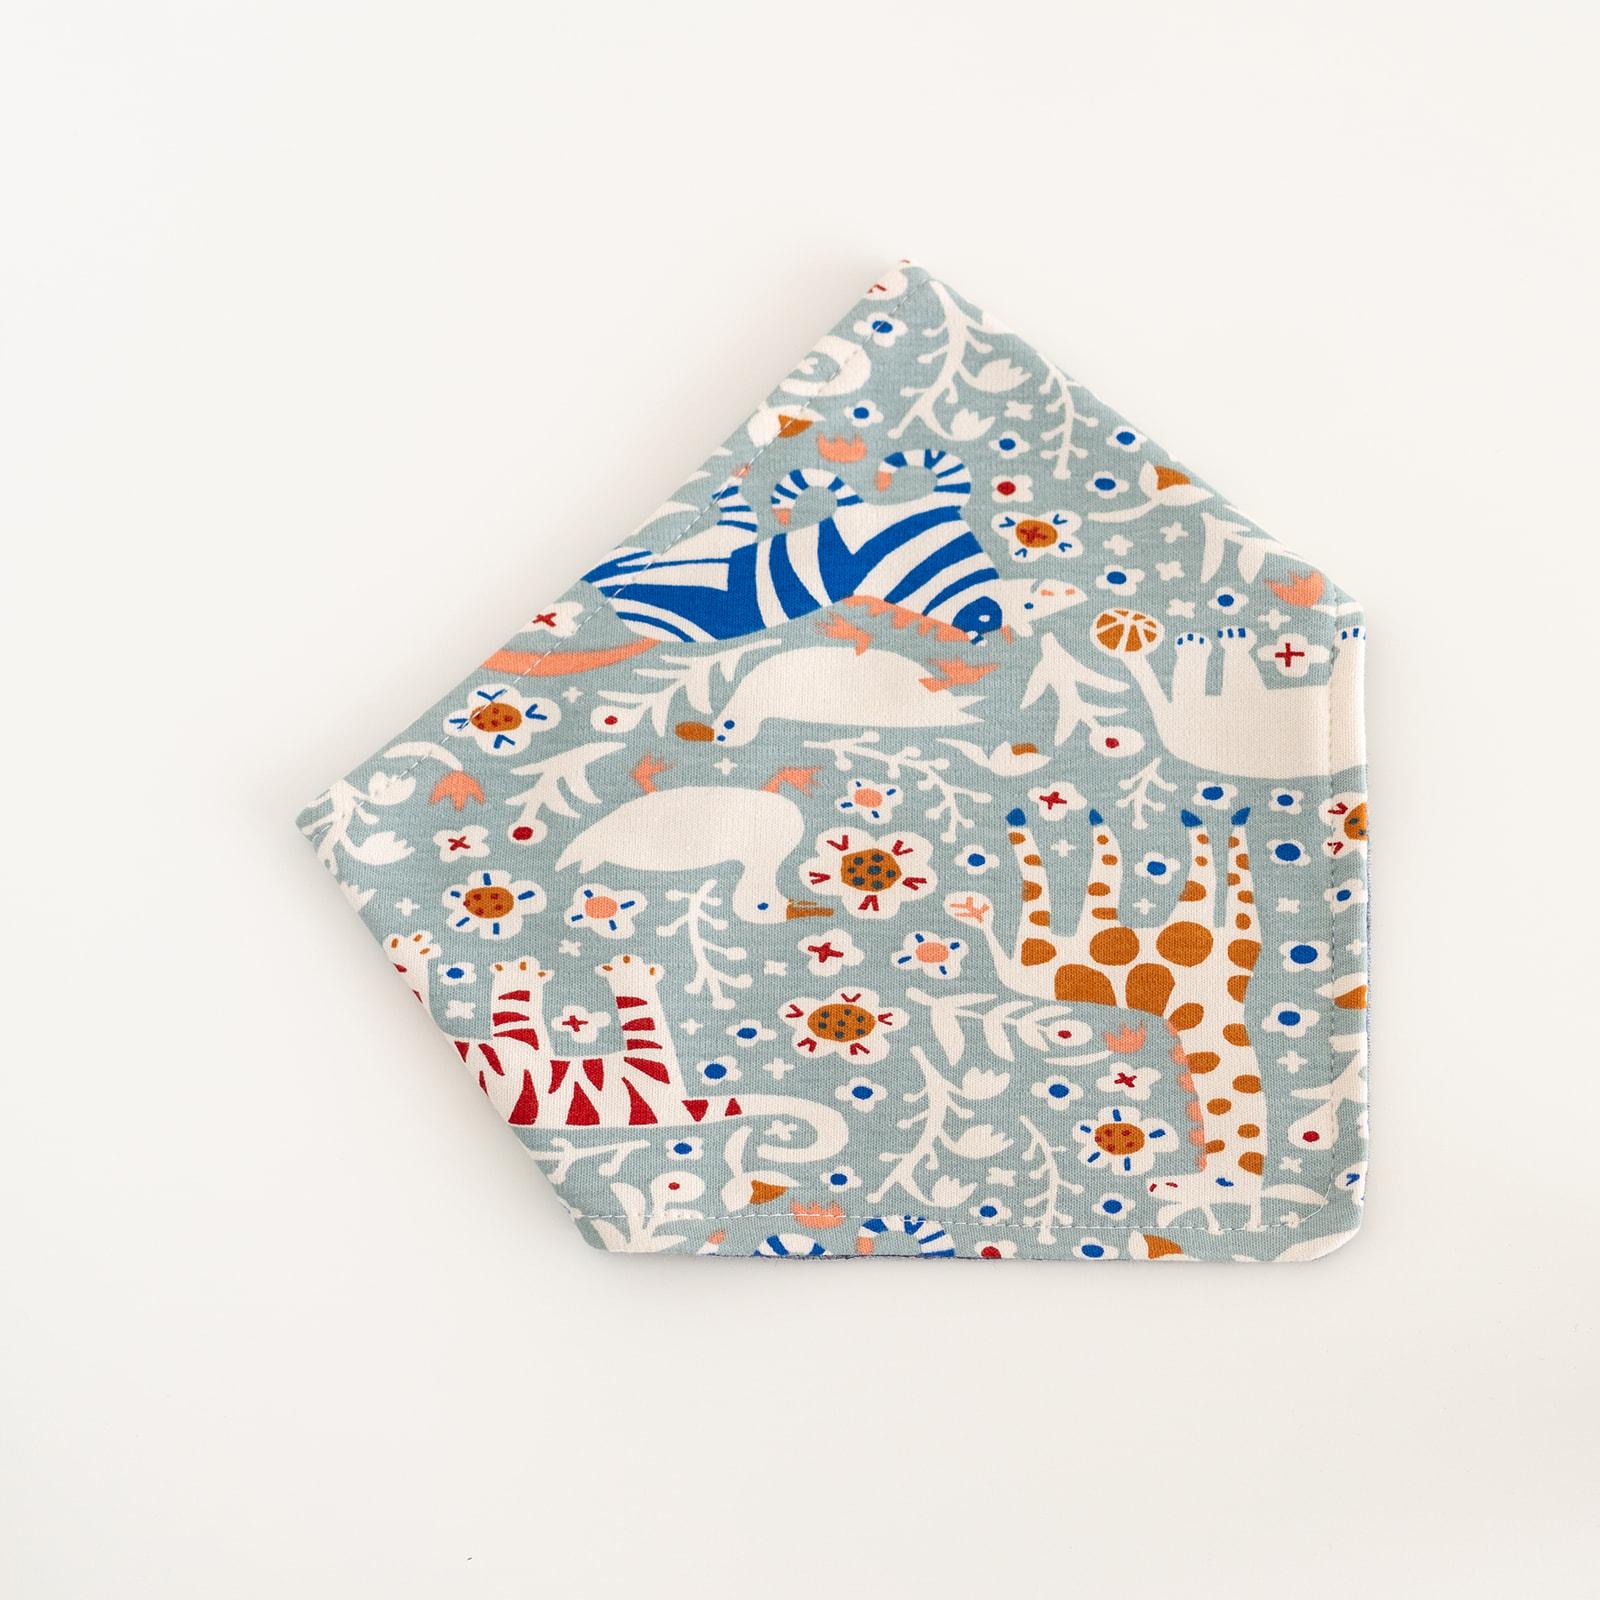 Bavaglino in cotone biologico modello bandana fantasia tigre blu